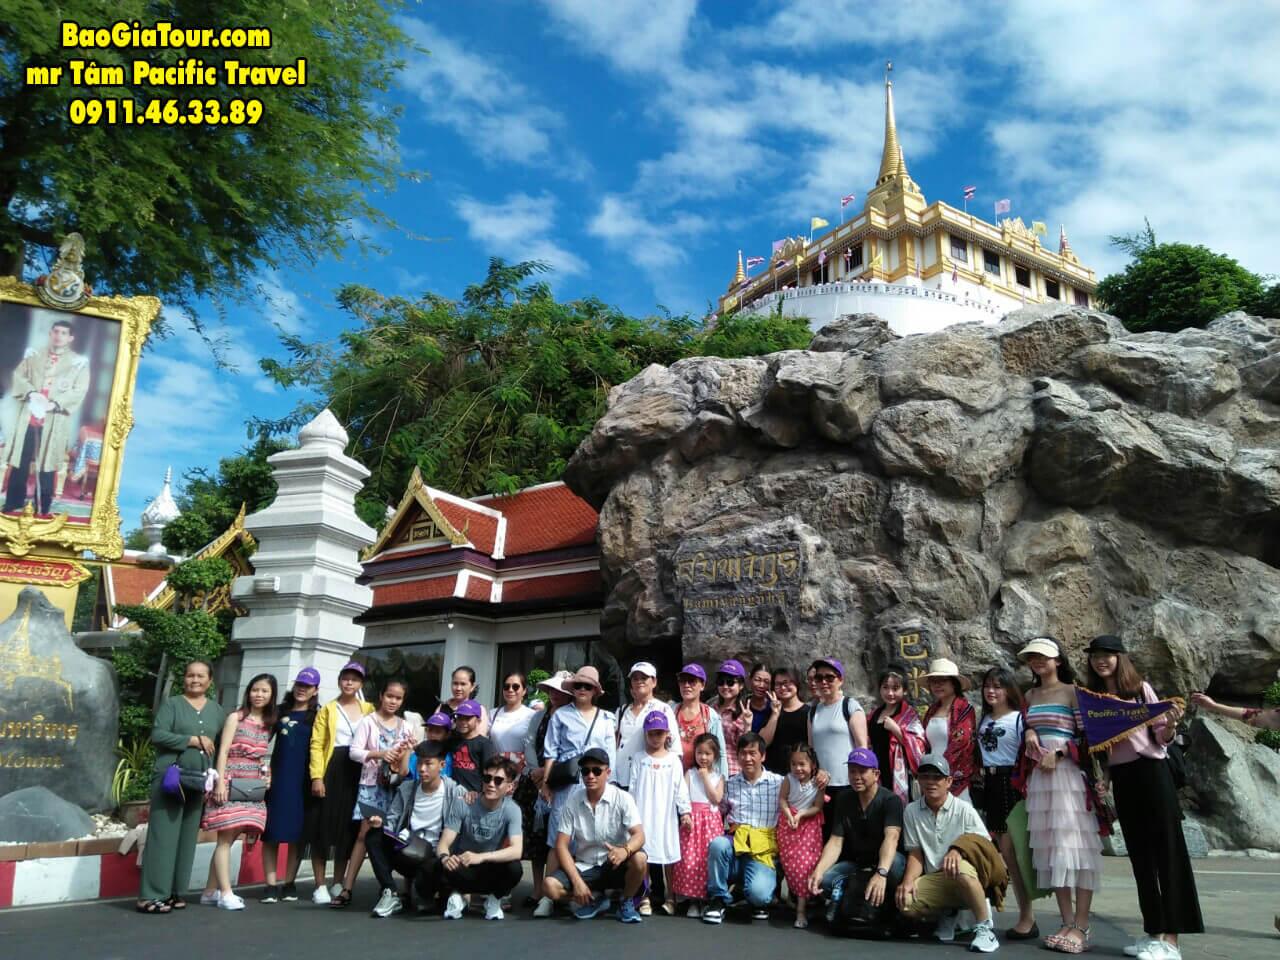 Báo giá tour Thái Lan tháng 8 trọn gói trong 5 ngày 4 đêm